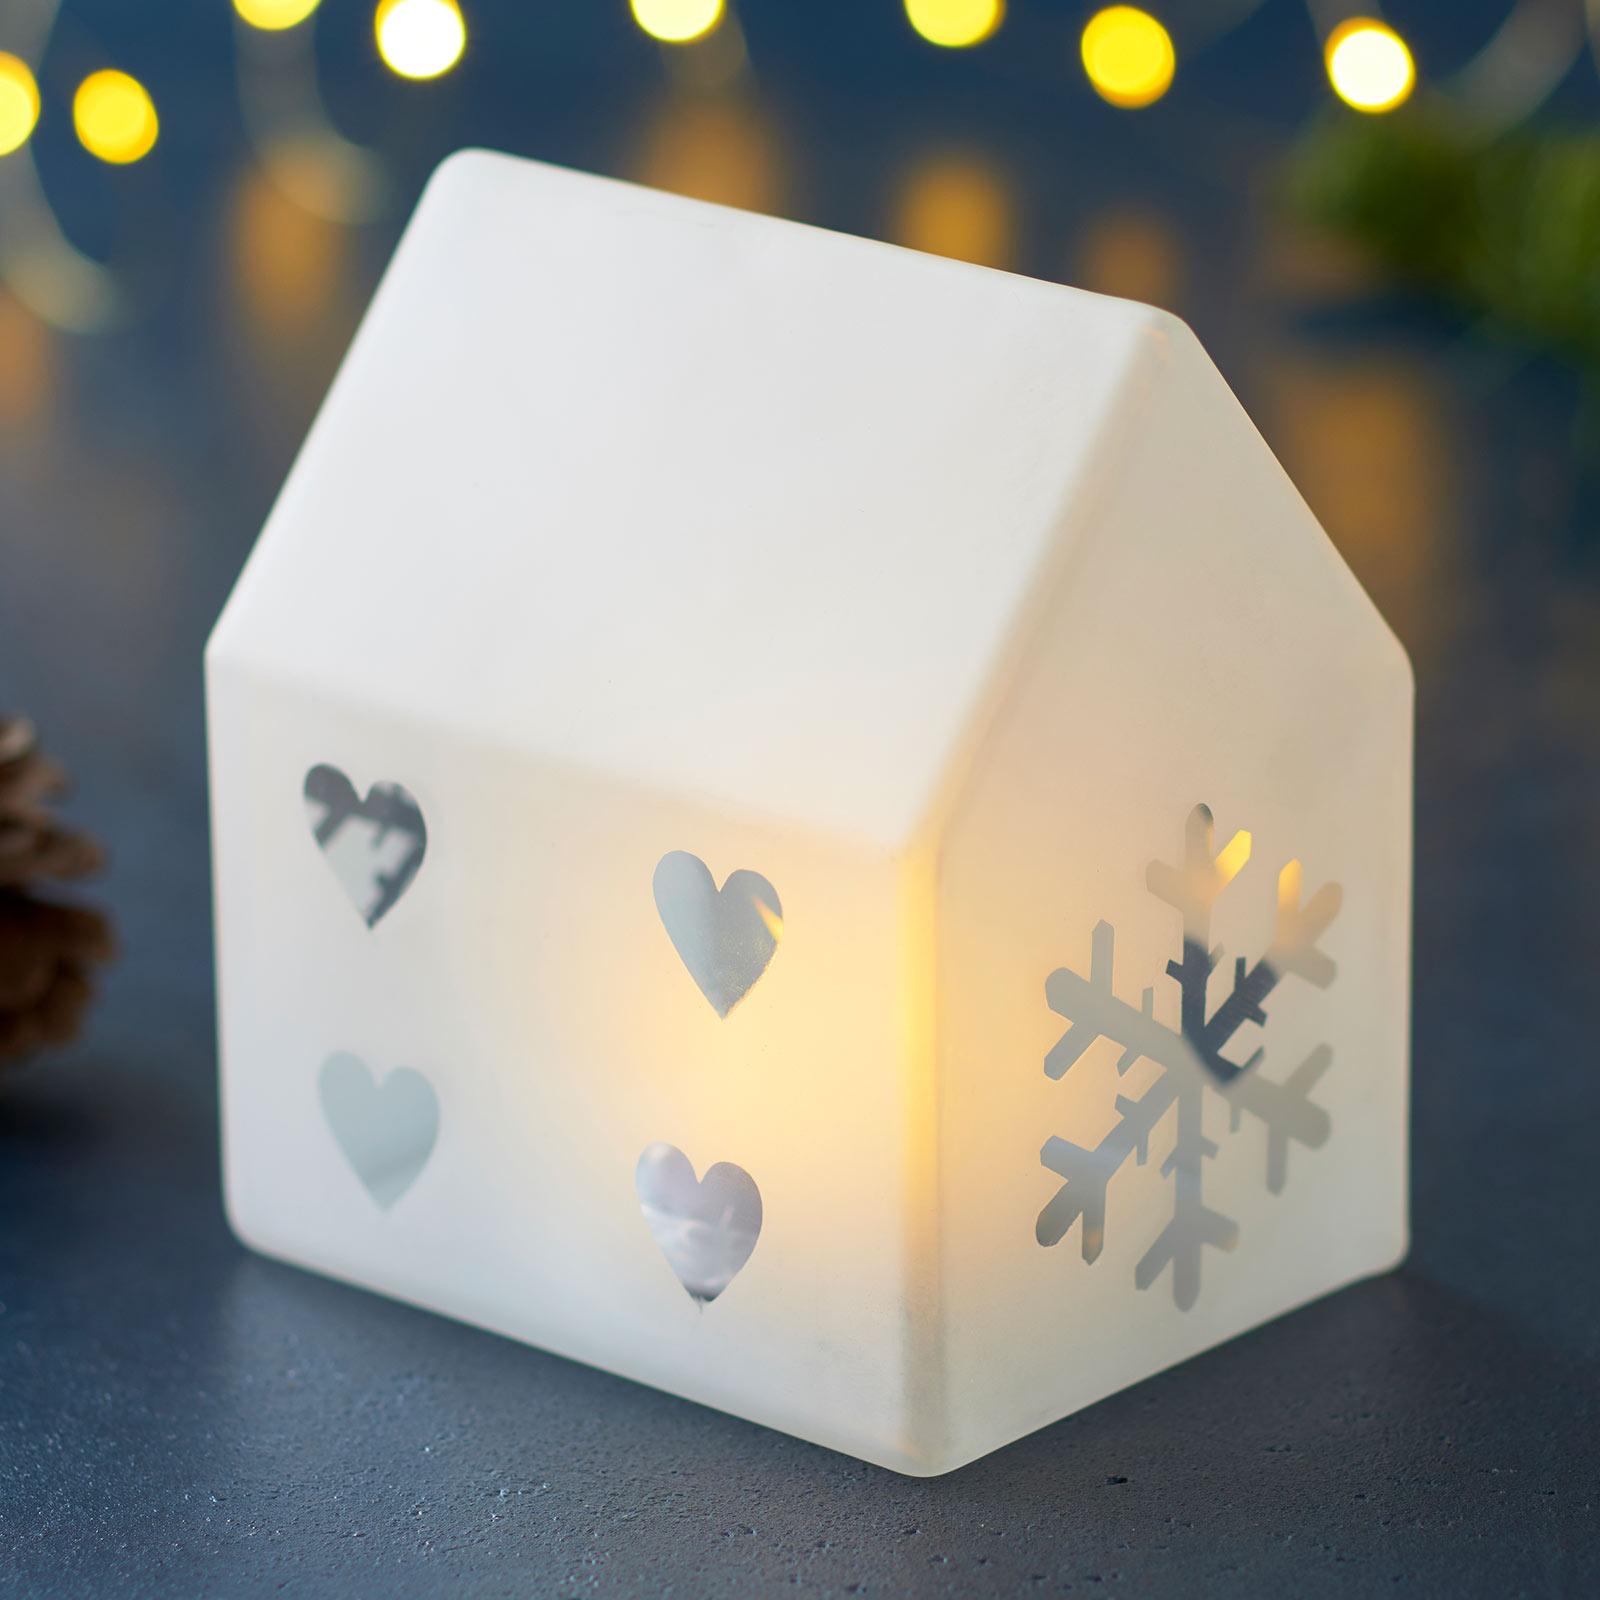 LED-koristevalaisin Santa House, korkeus 11,5 cm